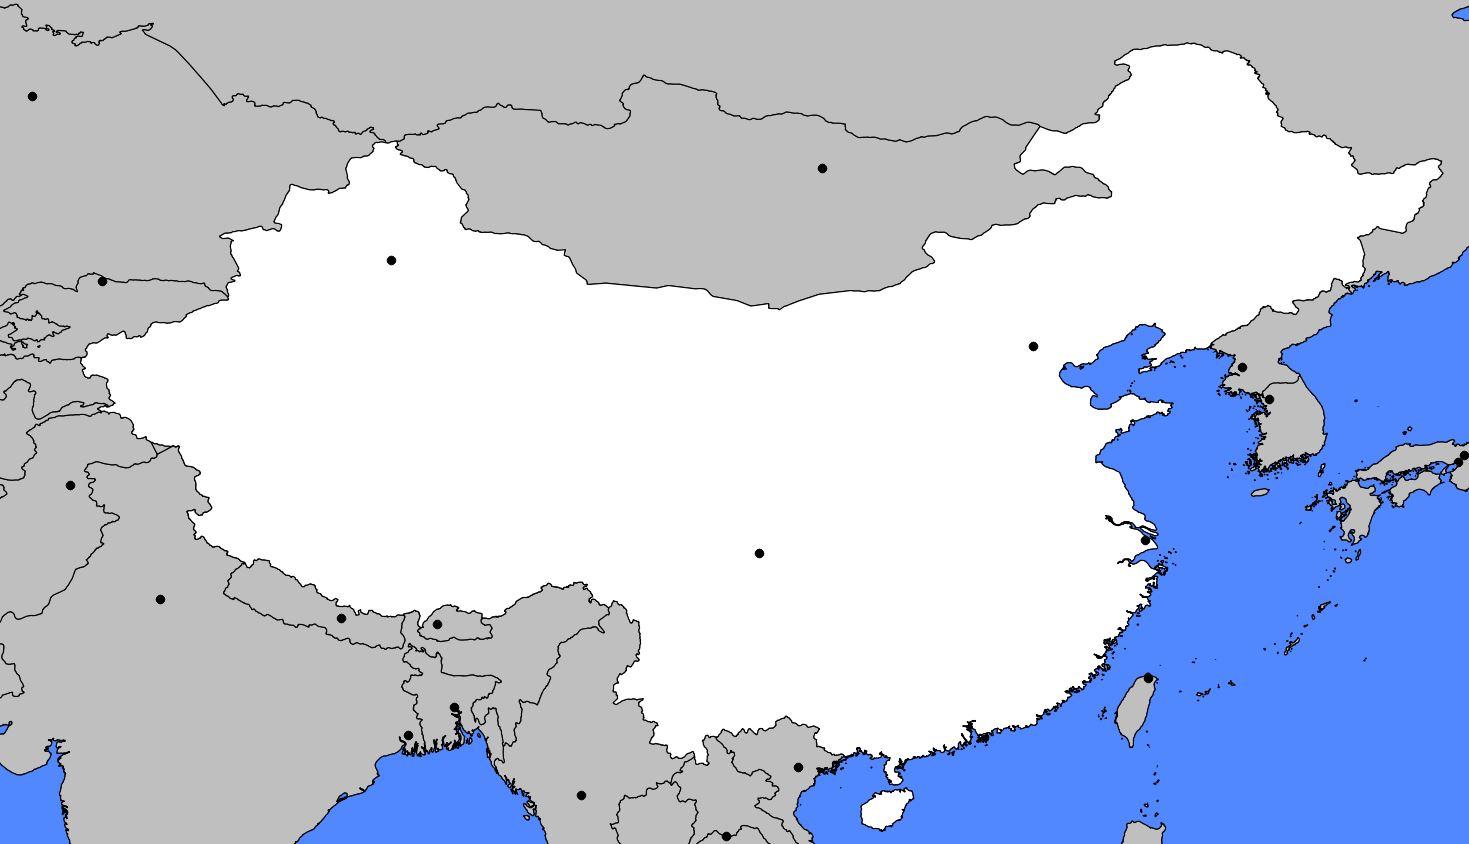 Carte de la Chine - Relief, villes, carte administrative et politique de la Chine